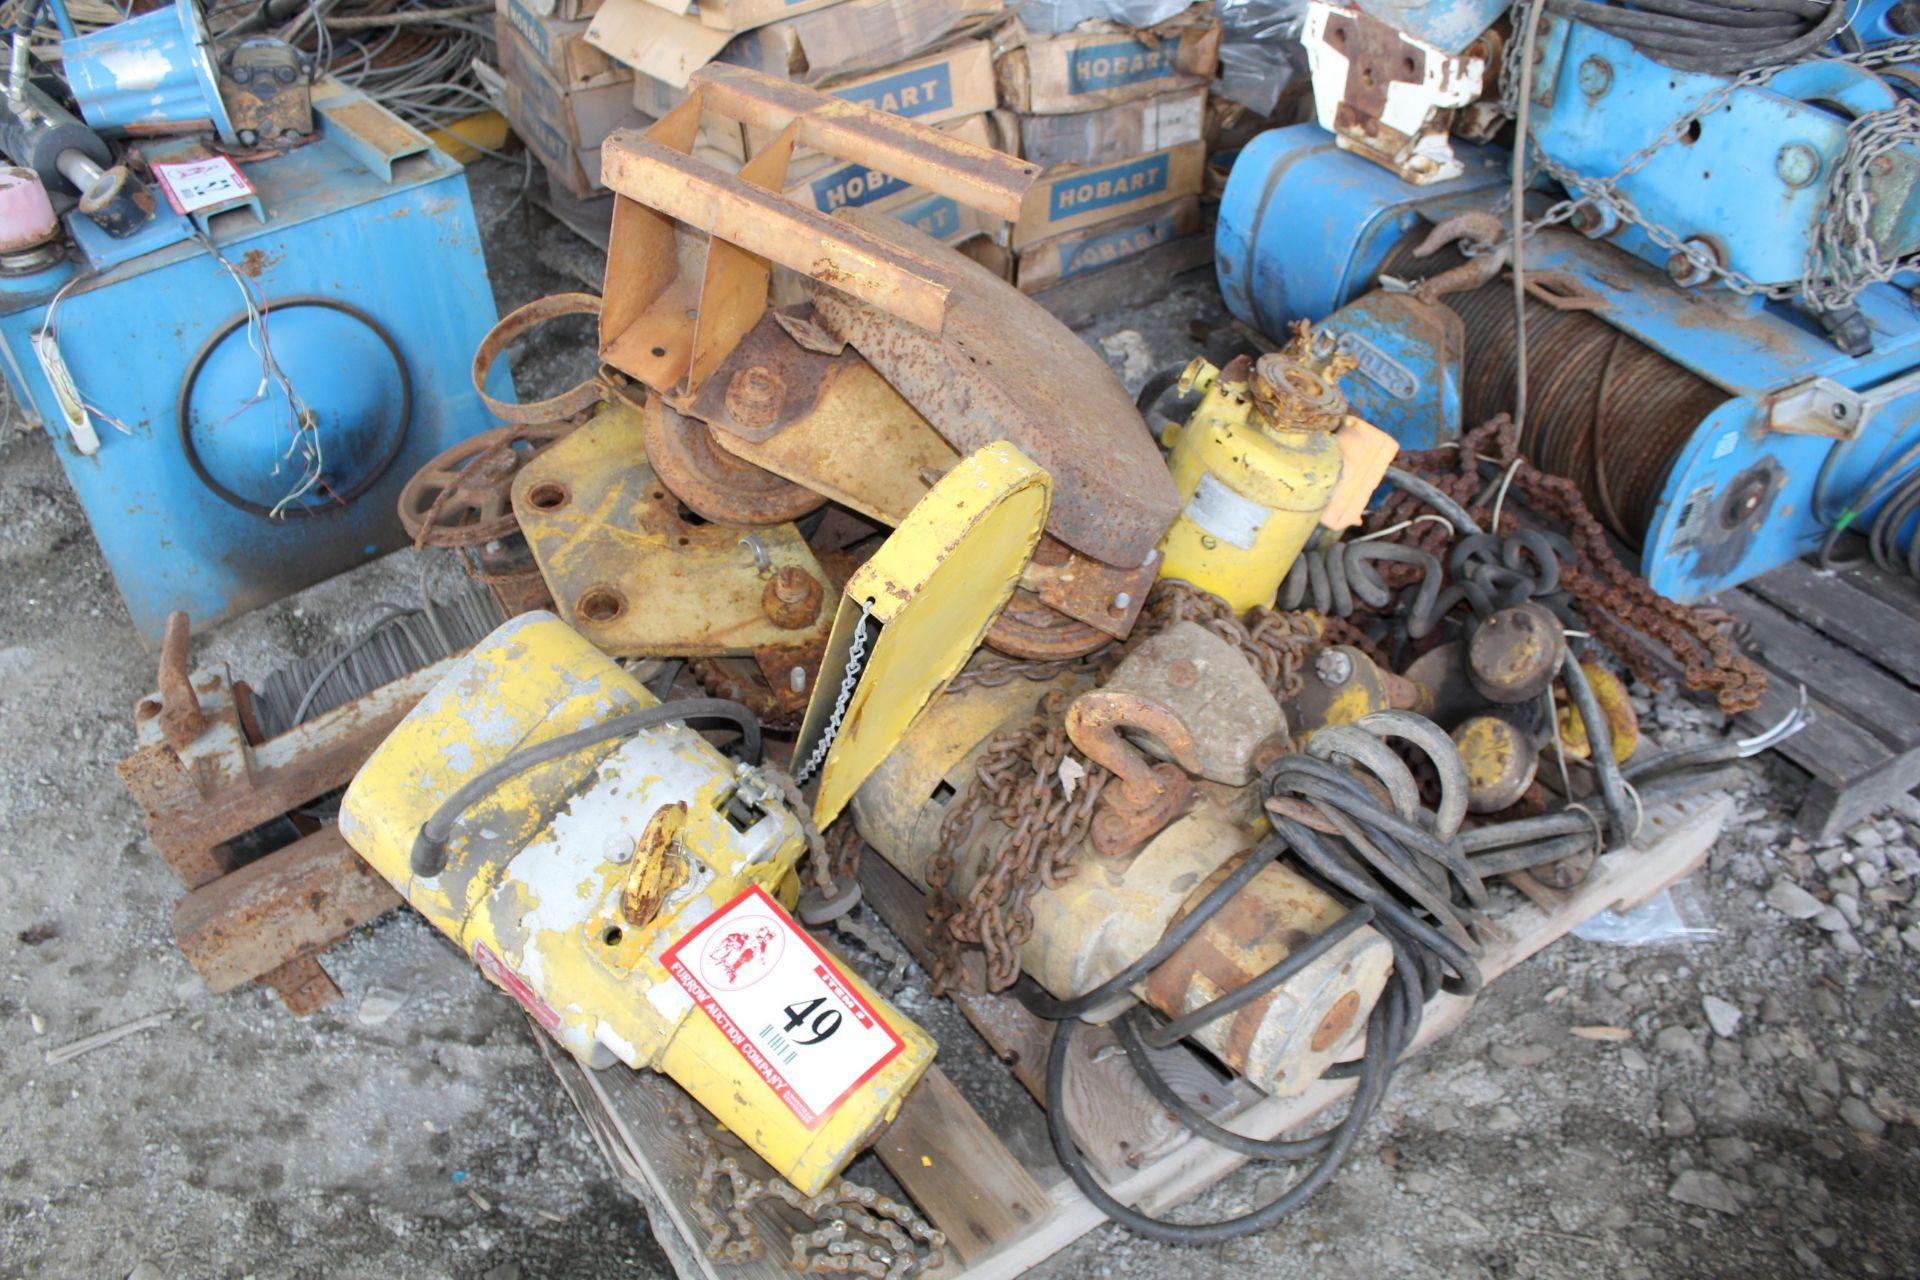 Lot 49 - Contents of Pallet (5) Electric Hoists, Hoists Parts & Accessories